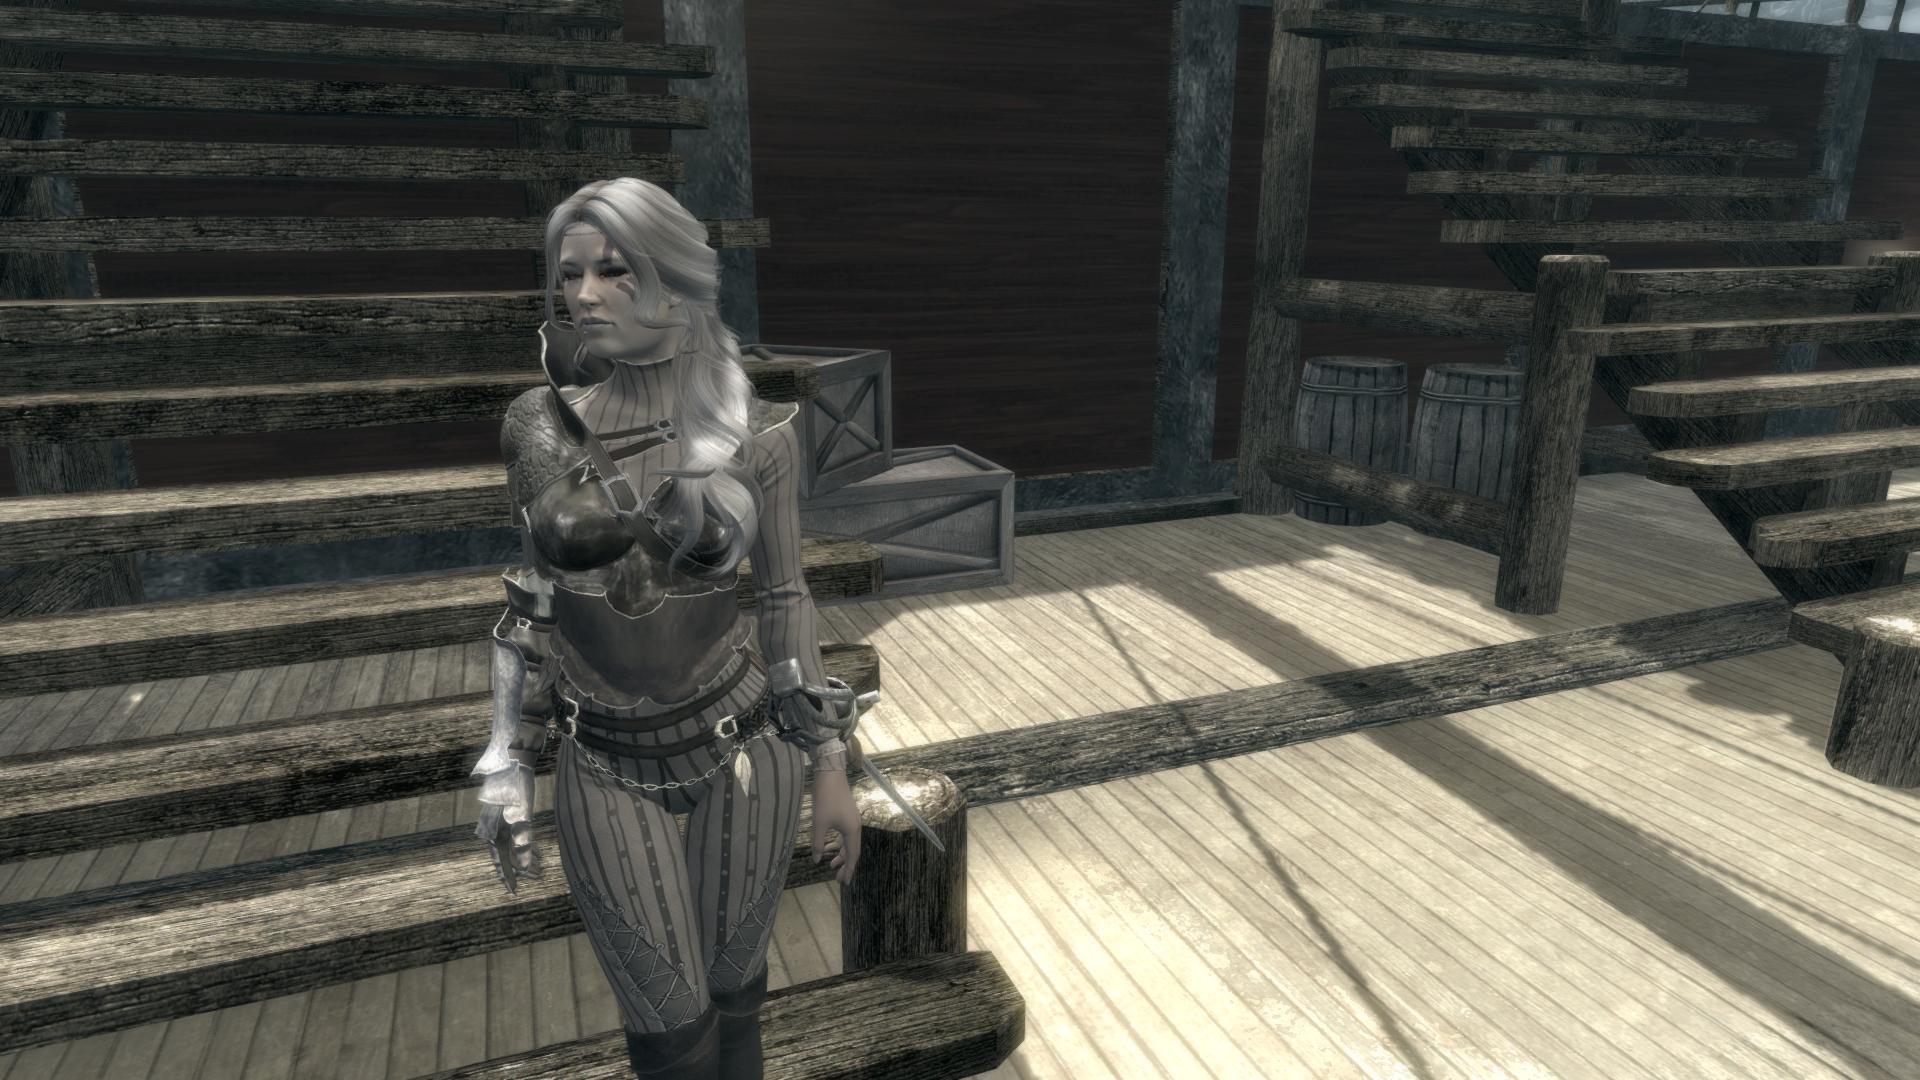 Героиня ракурс 27 - Elder Scrolls 5: Skyrim, the